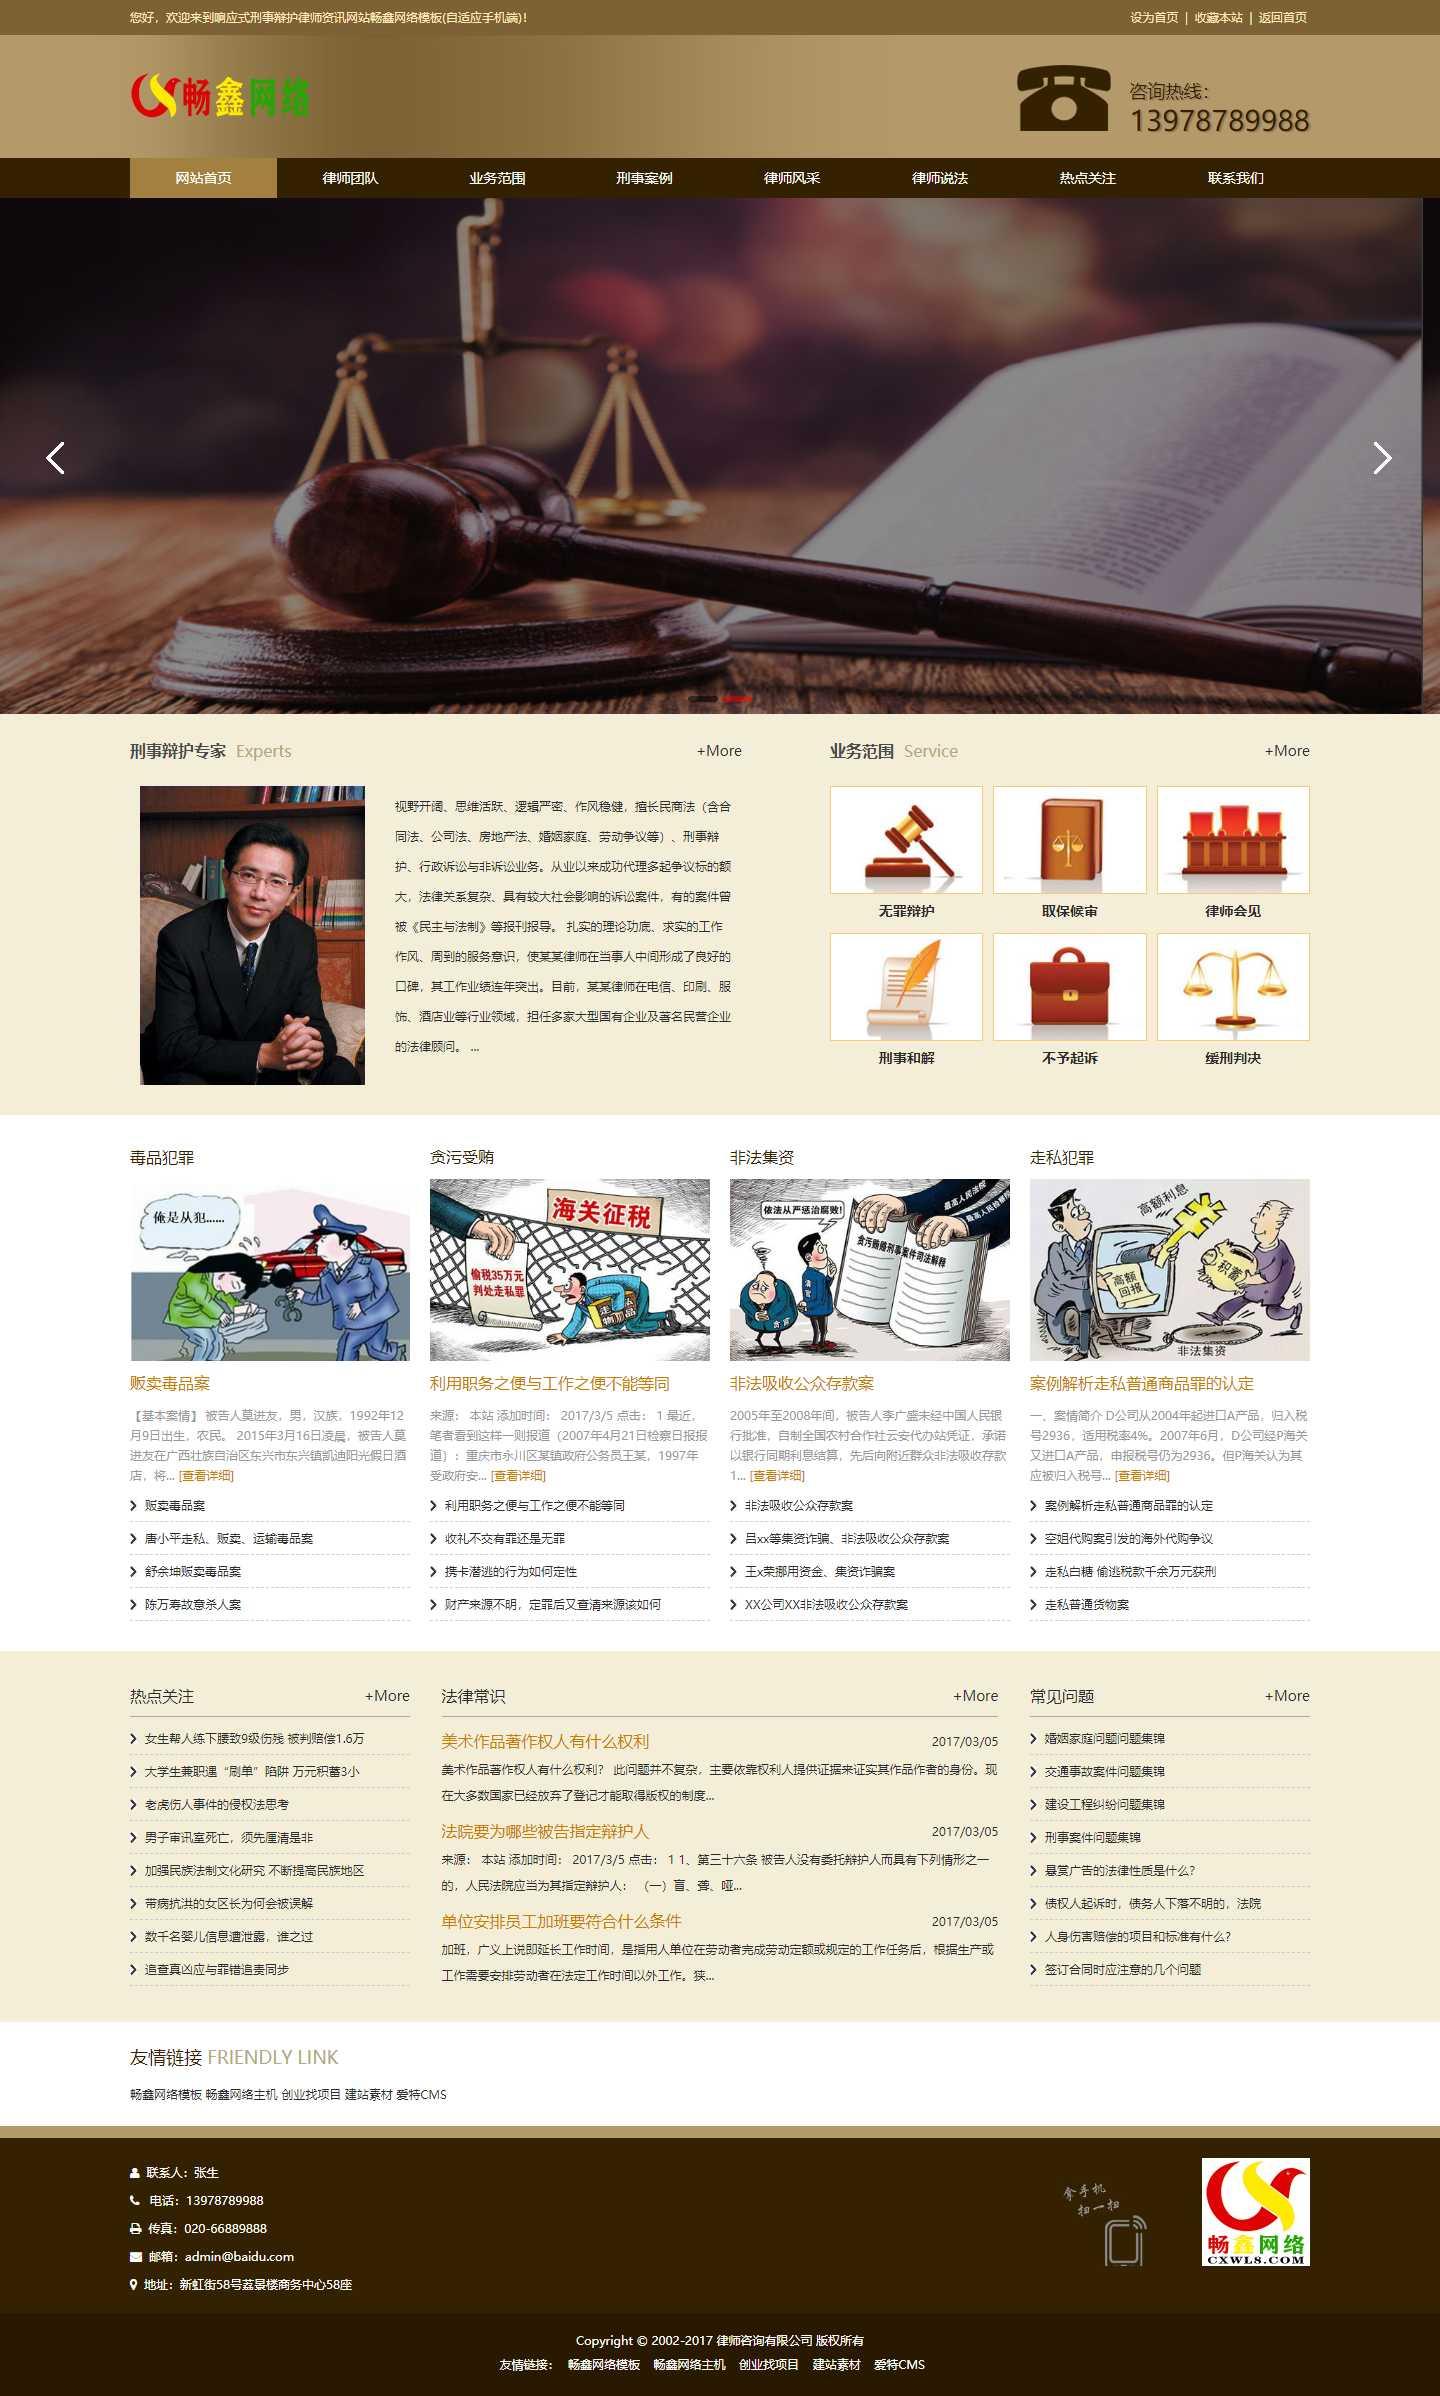 【J033】刑事辩护律师资讯网站模板